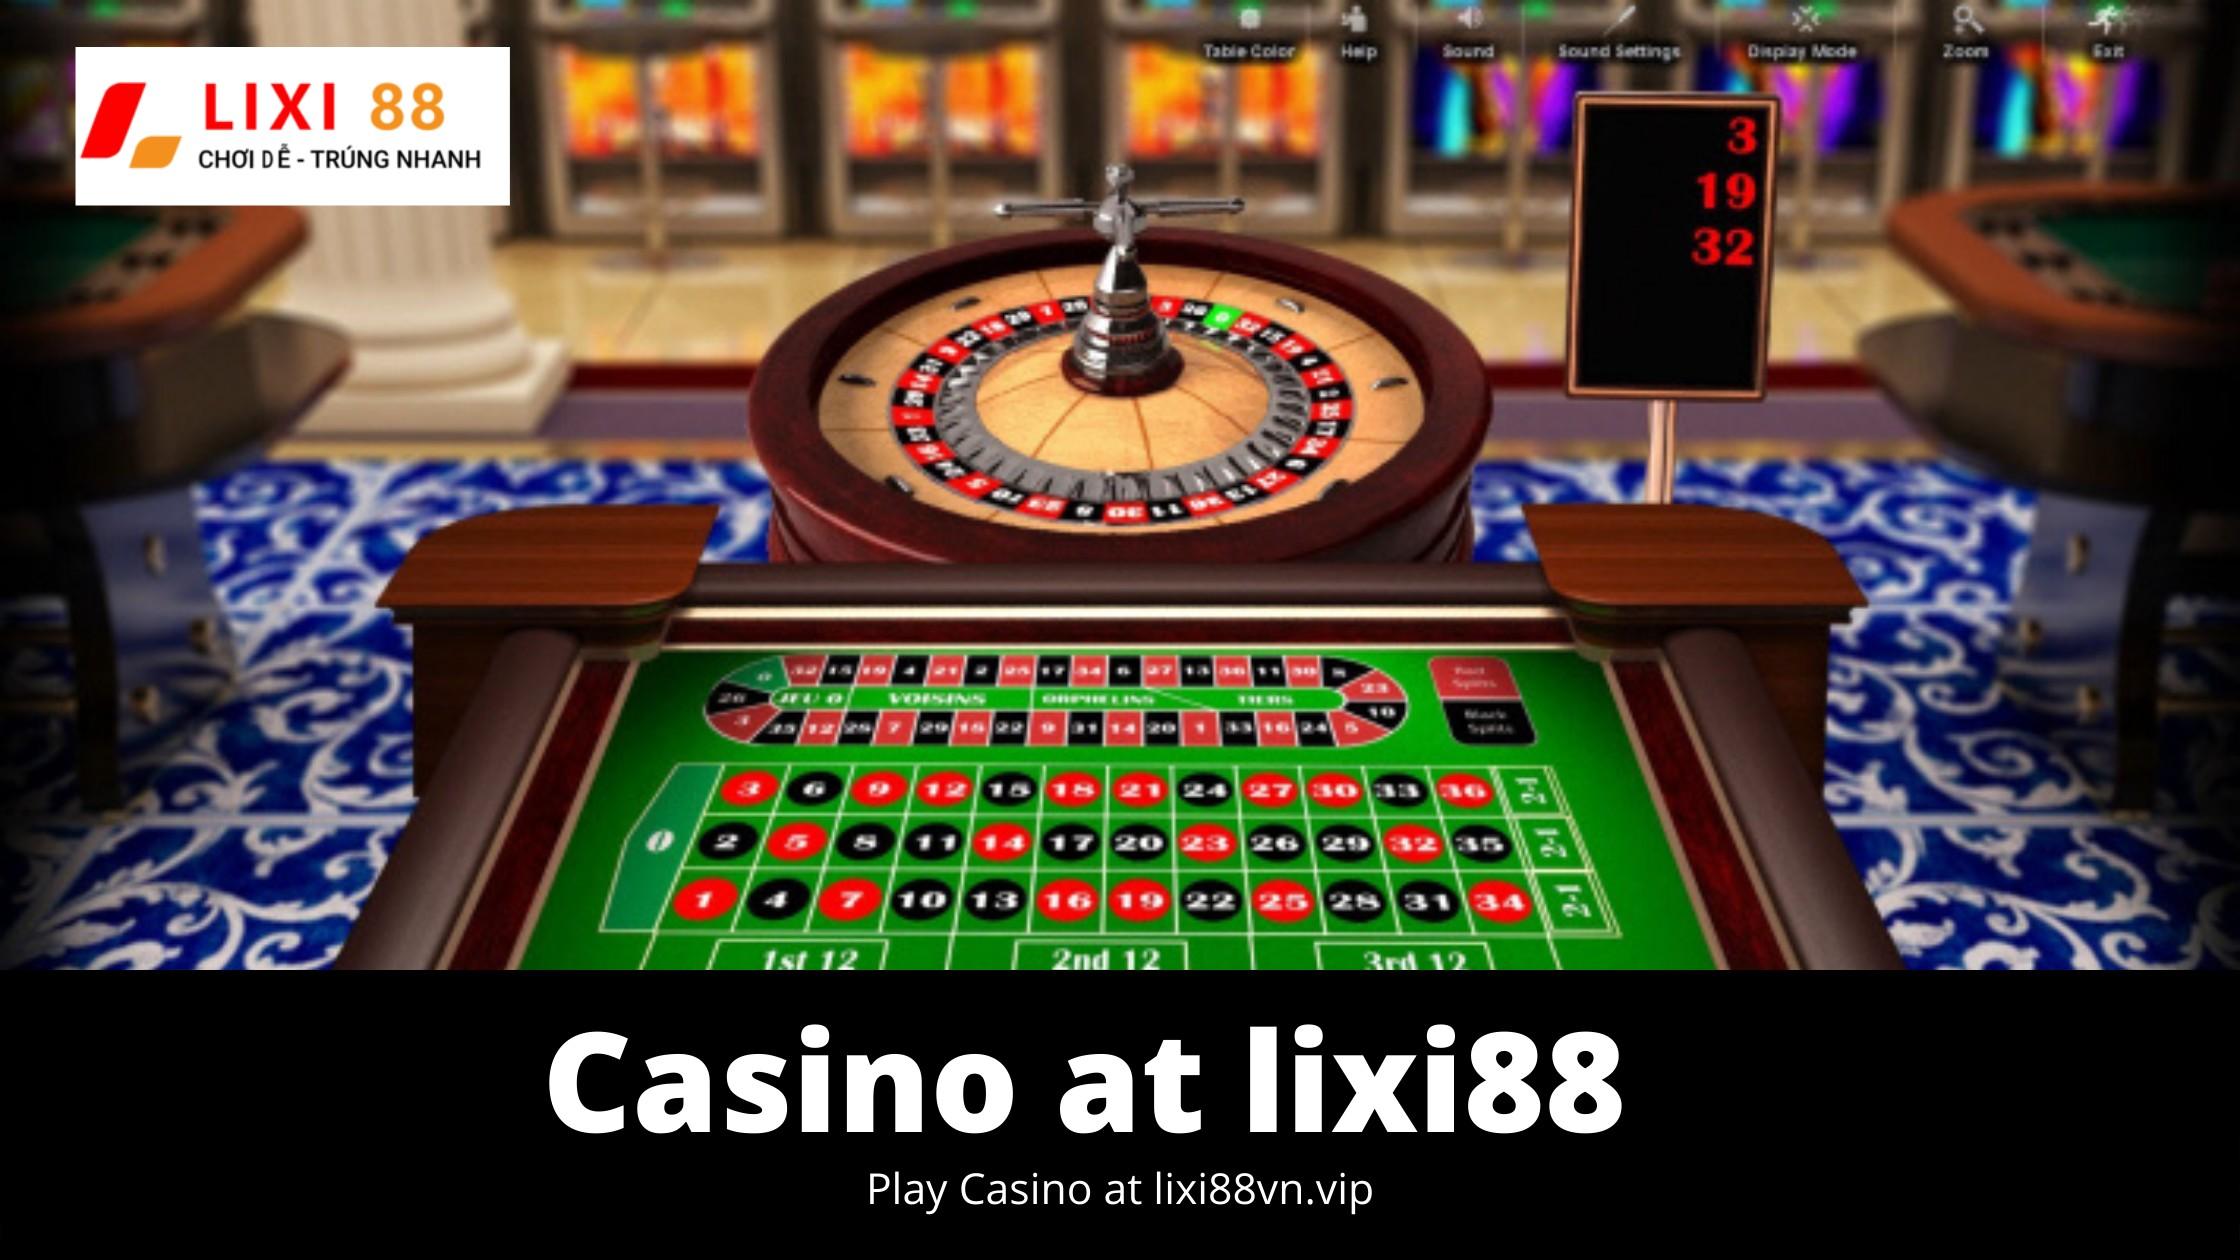 Casino at lixi88